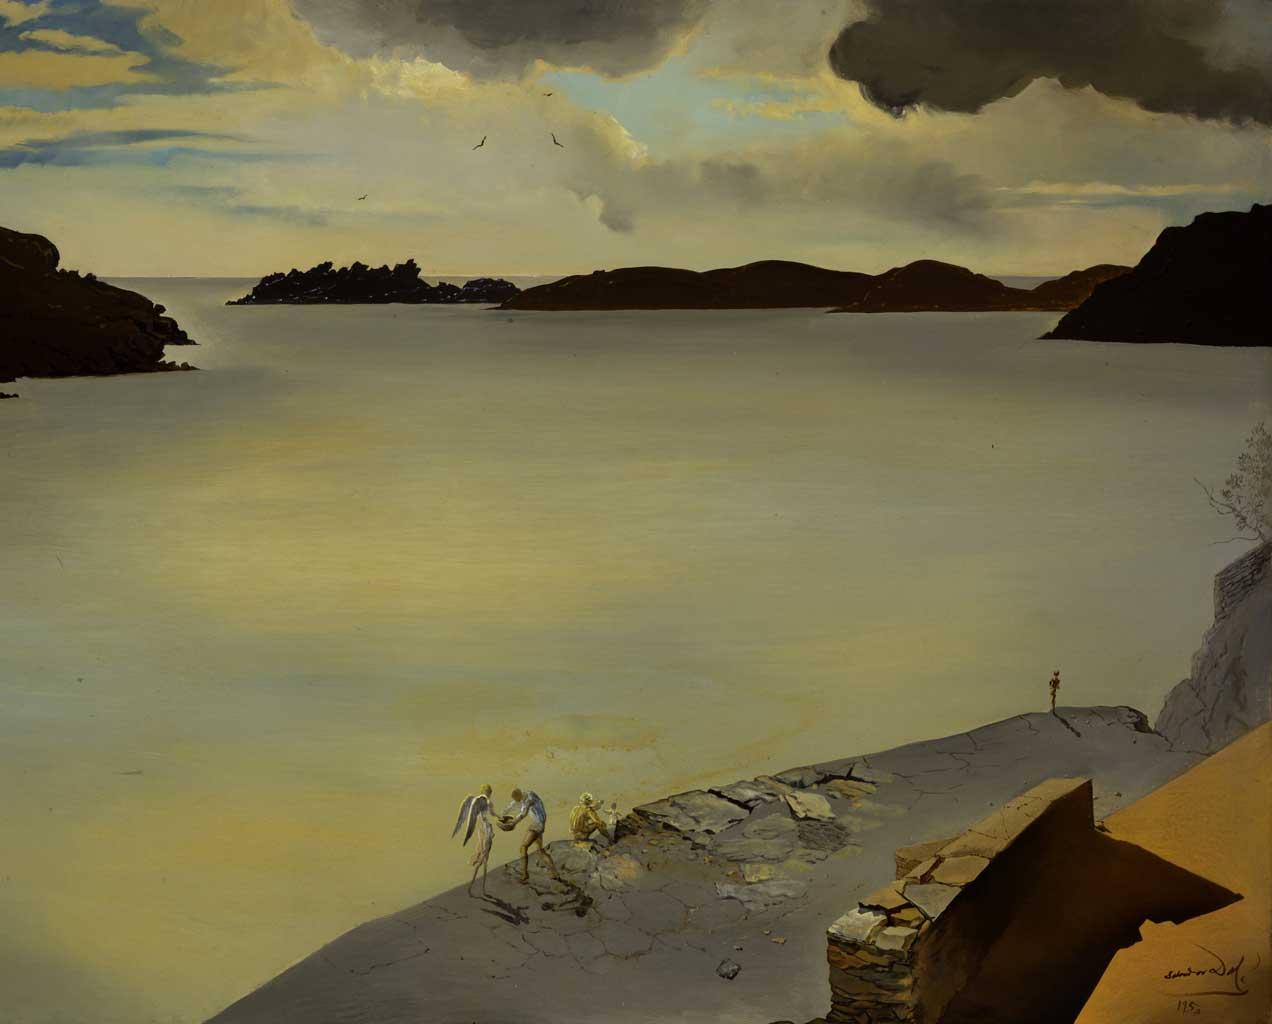 Il Genius loci di Port Lligat e Gala, Paesaggio di Port Lligat, 1950, Olio su tela, 58,5 x 78,5 cm